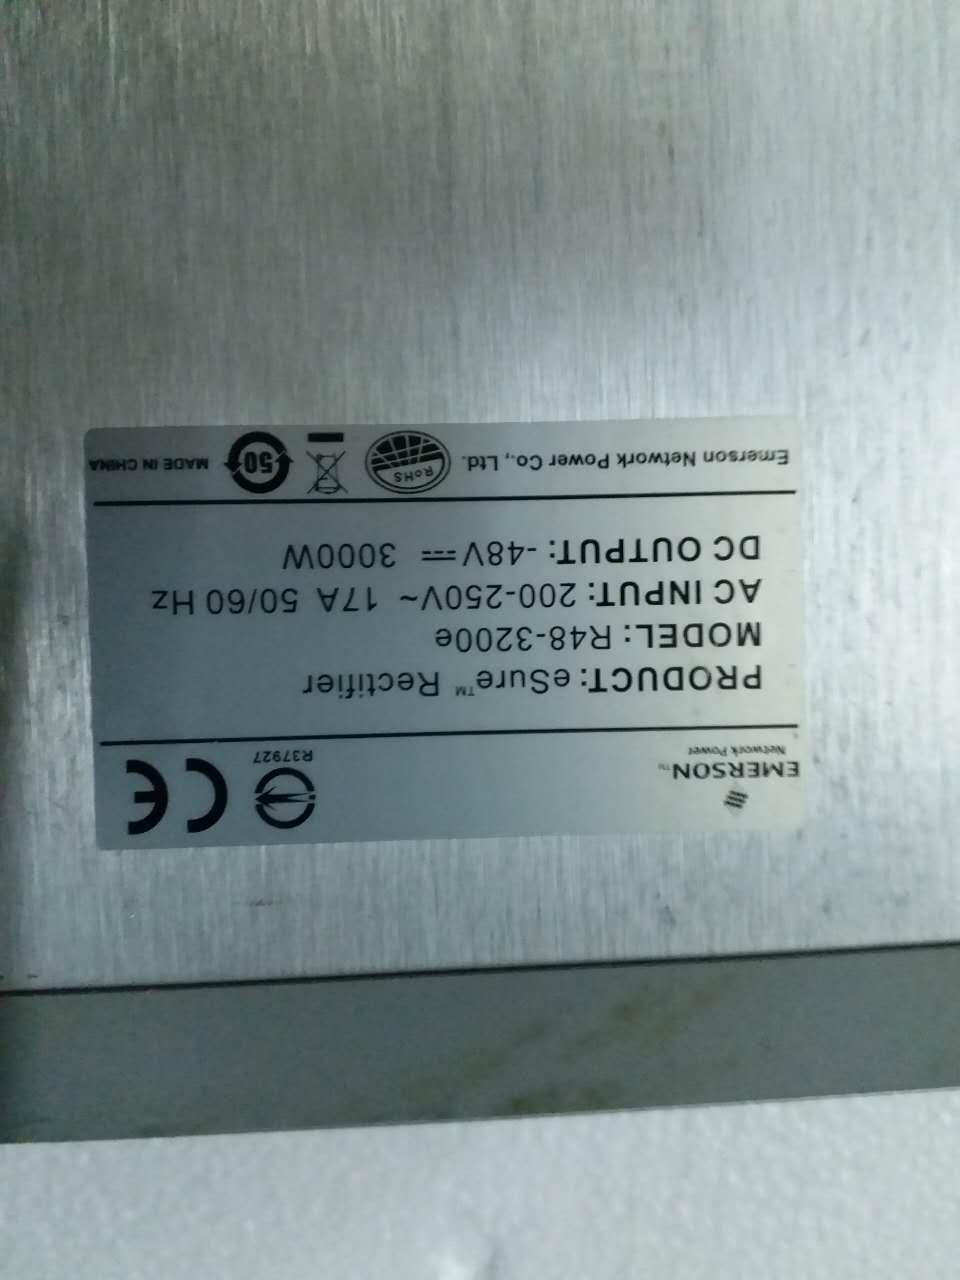 Emerson EMERSON3200E gebrauchte und effiziente Energieversorgung - modul